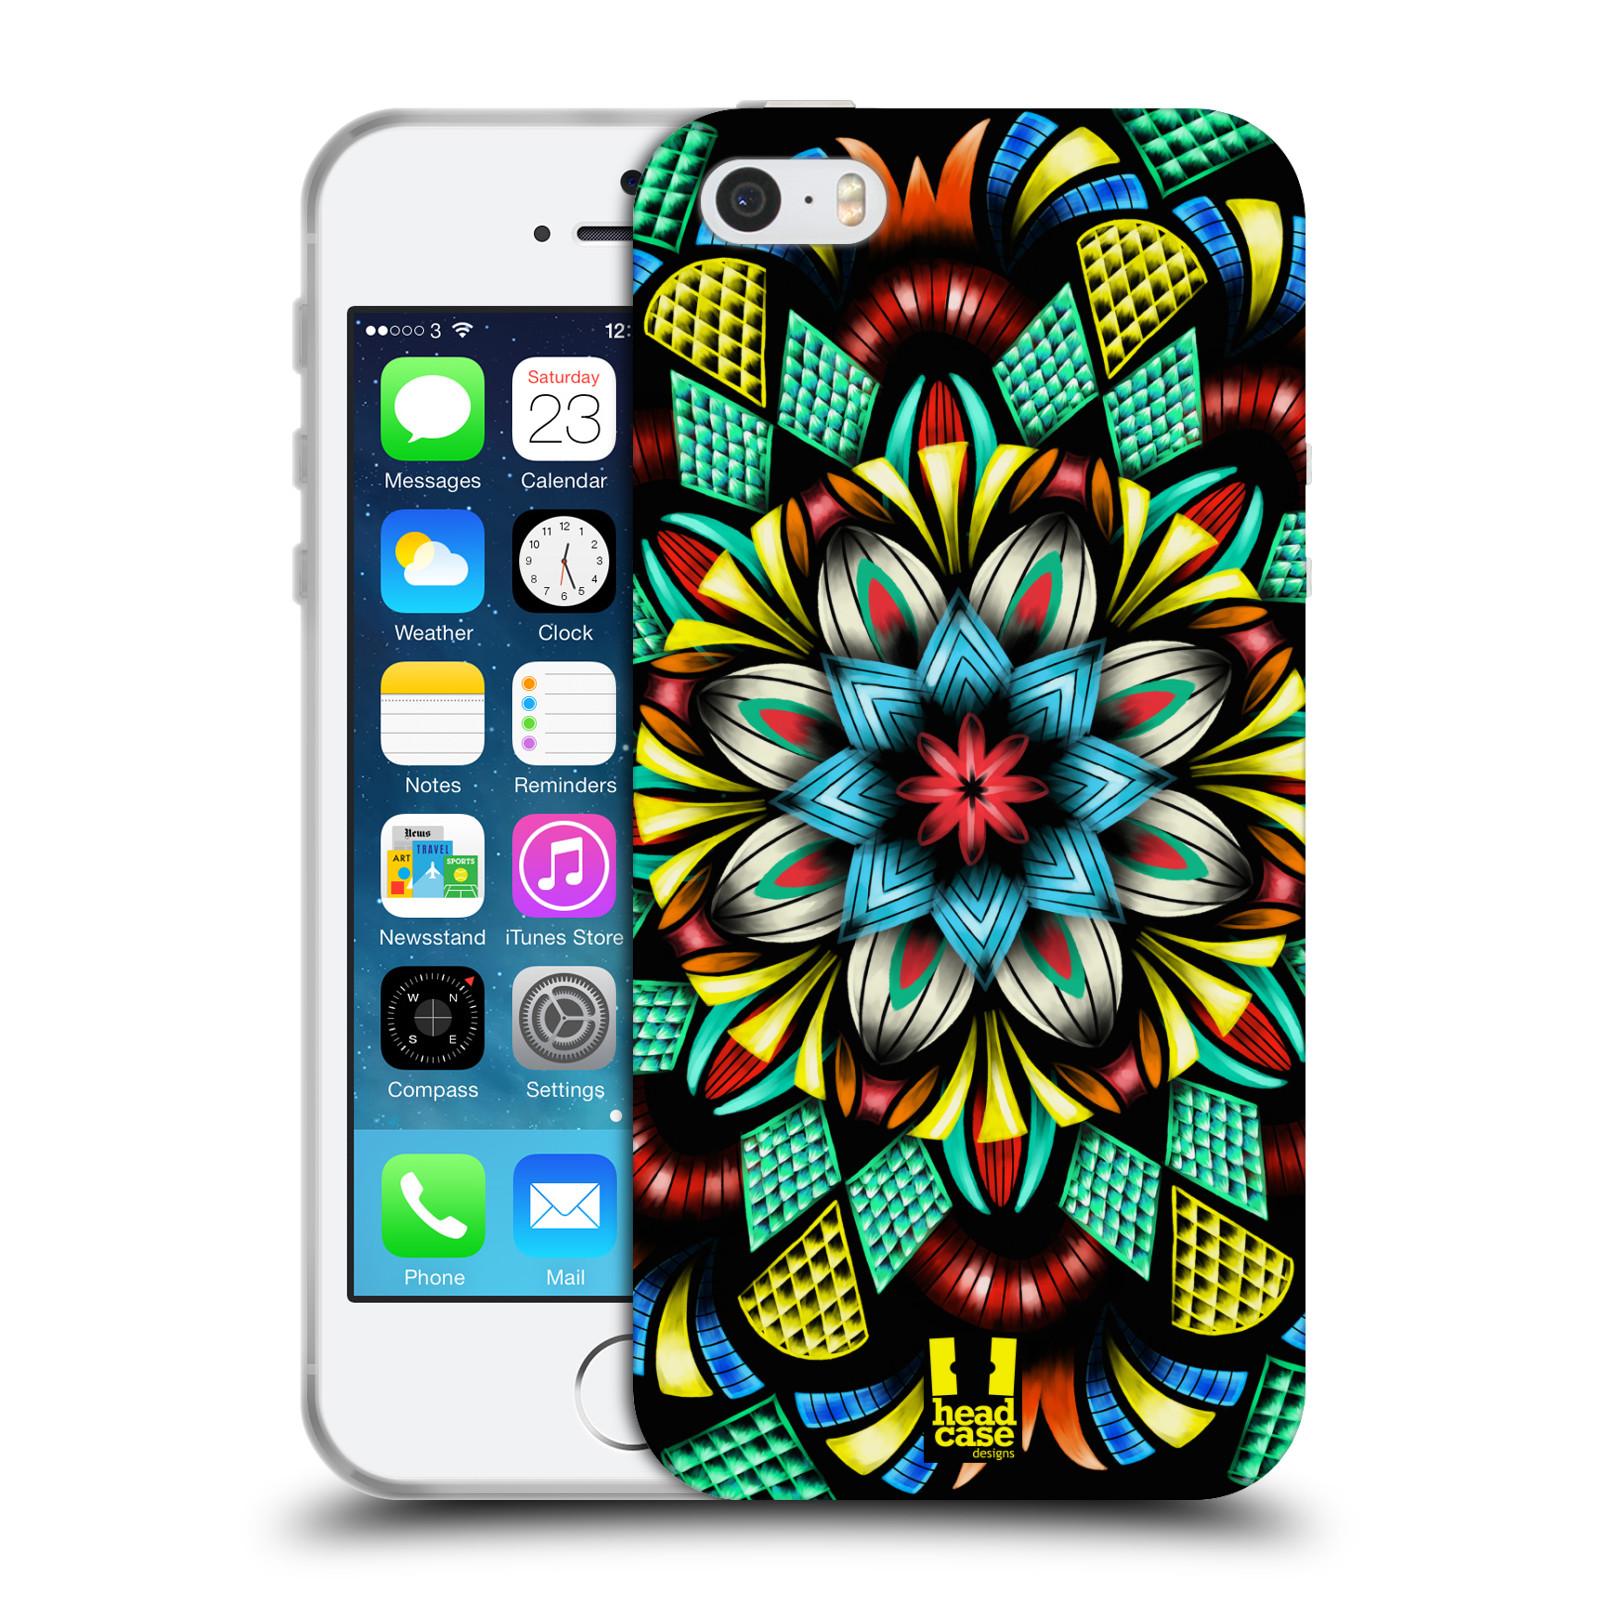 HEAD CASE silikonový obal na mobil Apple Iphone 5/5S vzor Indie Mandala kaleidoskop barevný vzor TRADIČNÍ